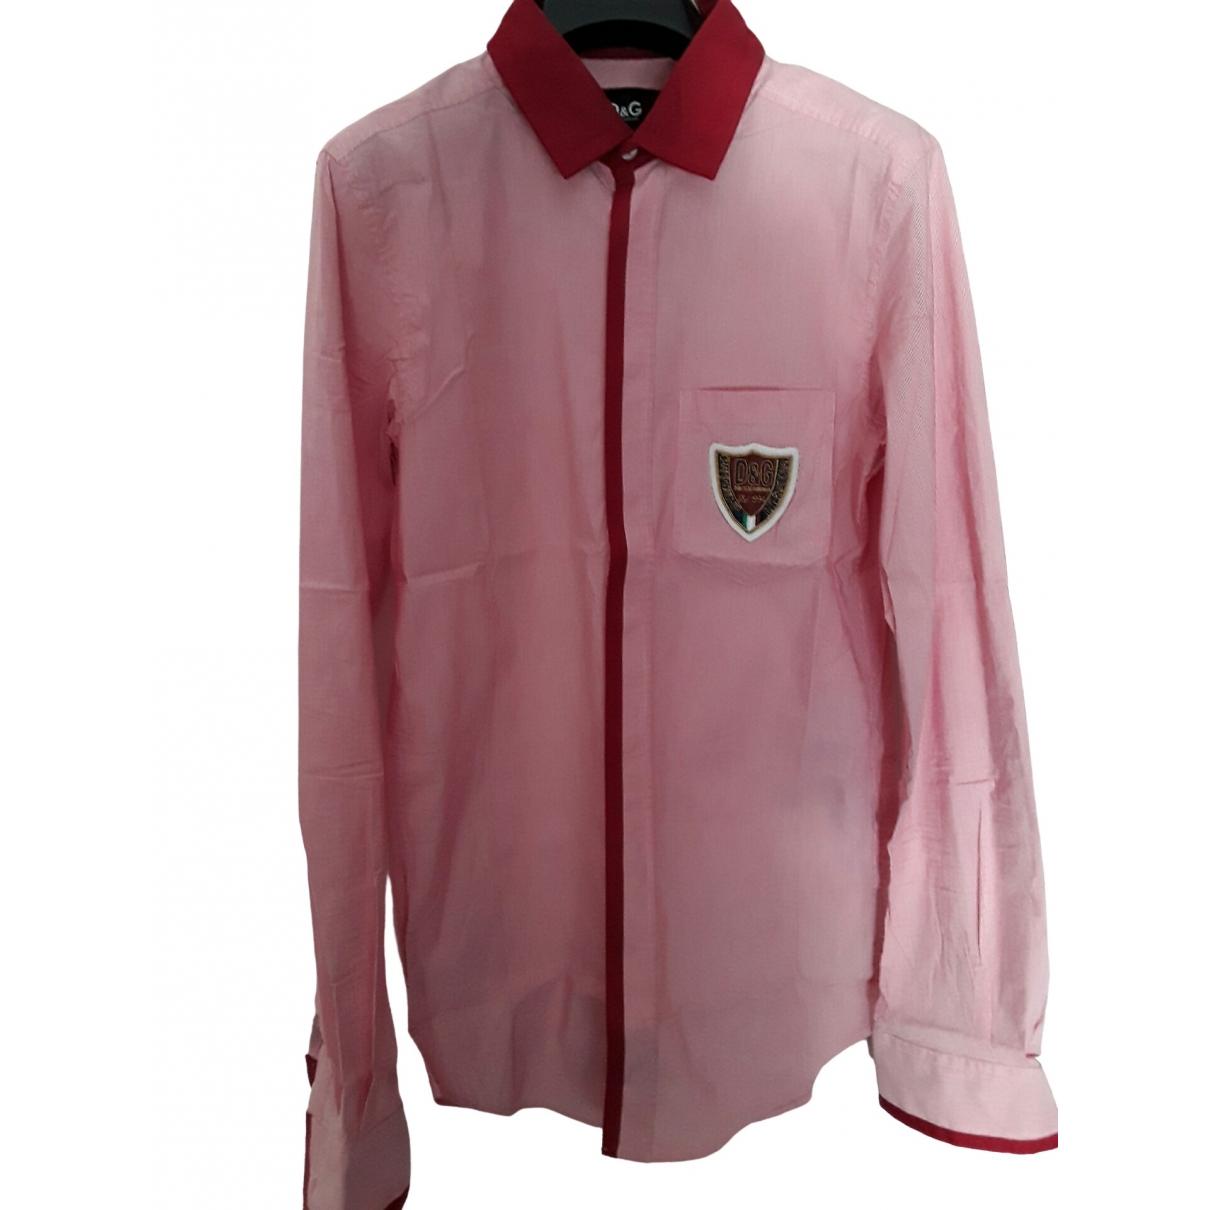 D&g - Chemises   pour homme en coton - rose